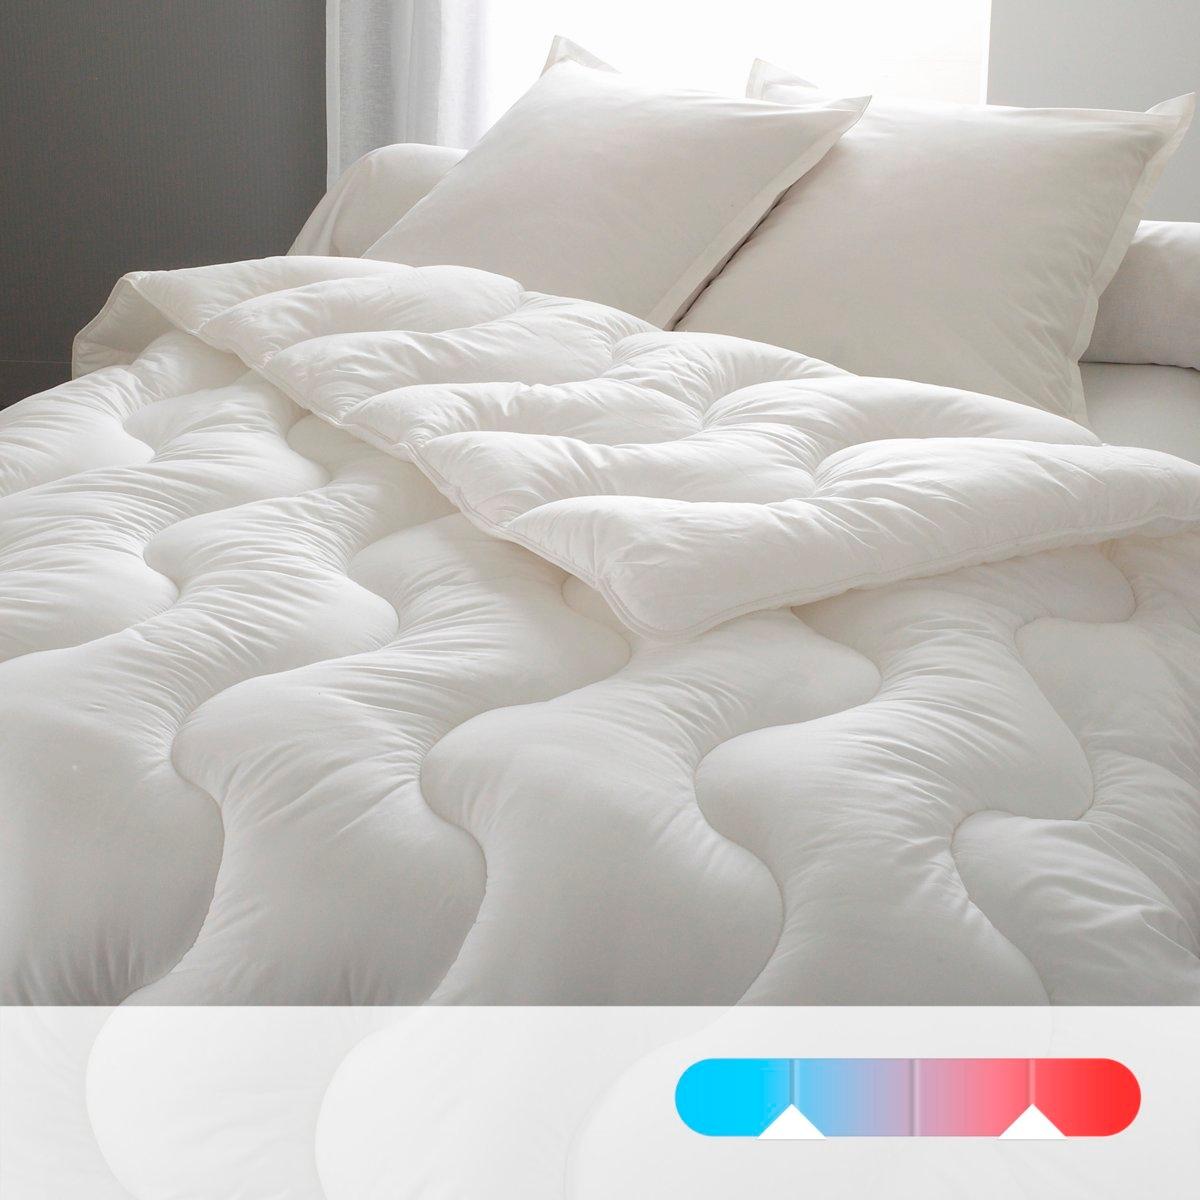 Одеяло синтетическое с чехлом из натурального материала